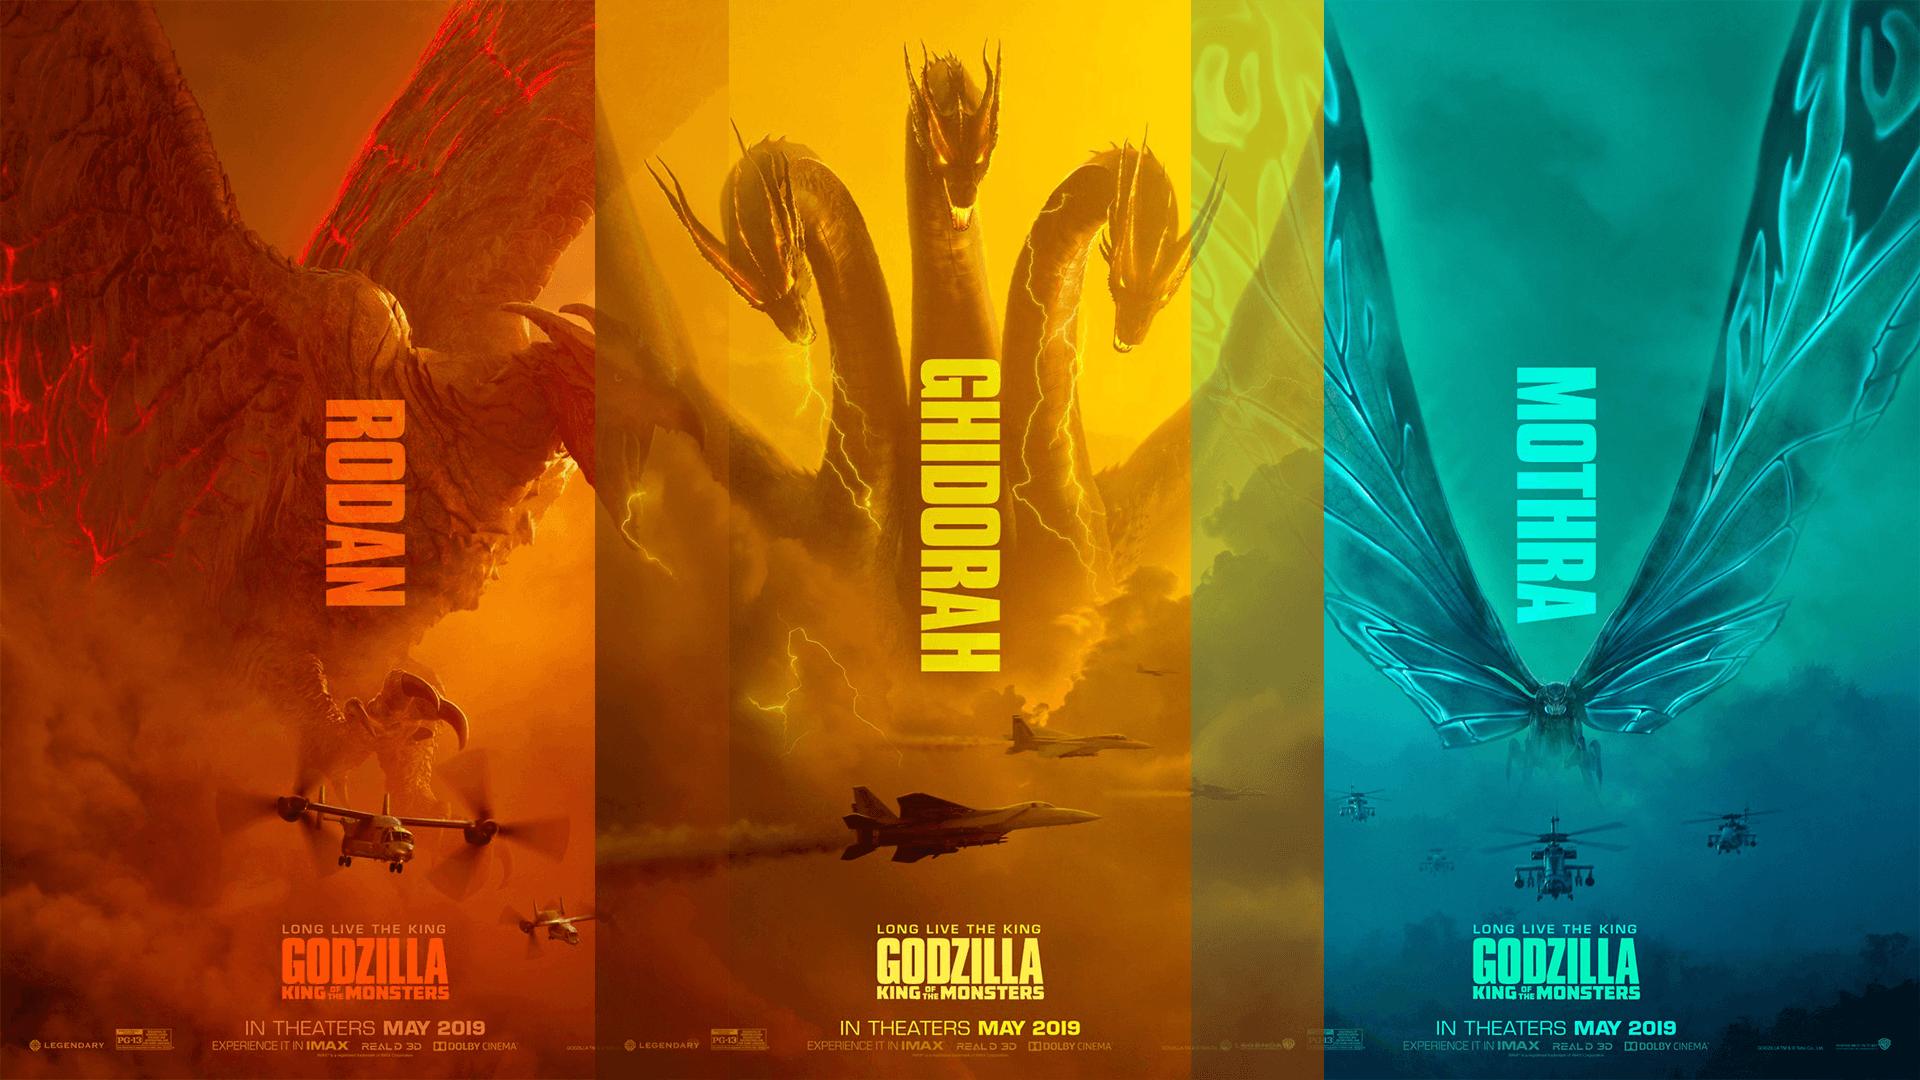 Godzilla 2019 Wallpapers   Top Godzilla 2019 Backgrounds 1920x1080